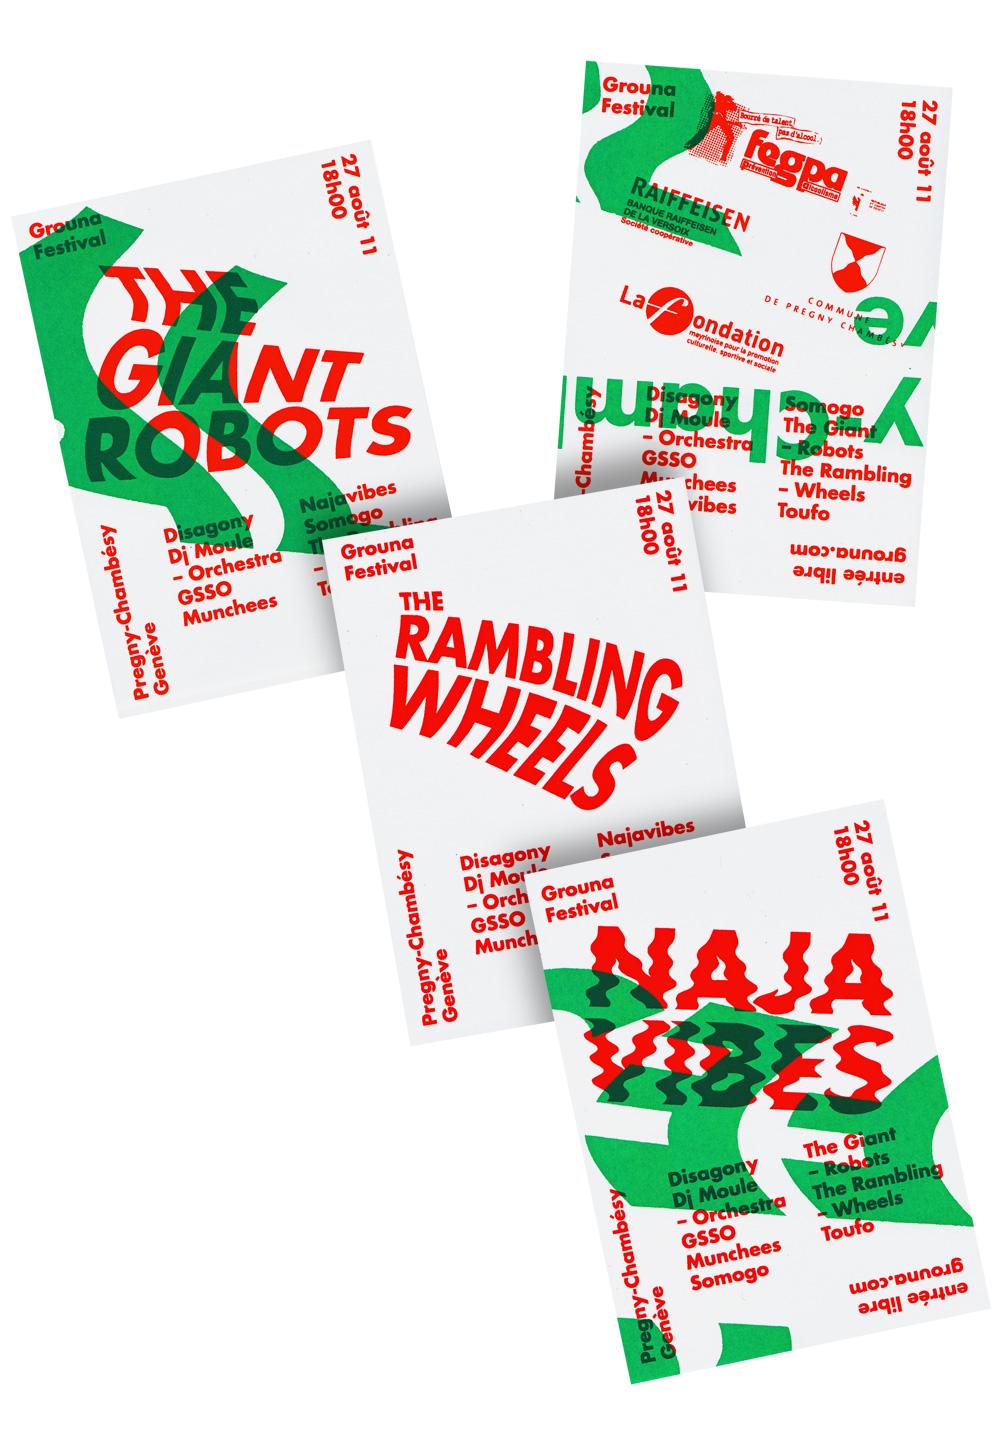 AMI-grouna-festival-flyers